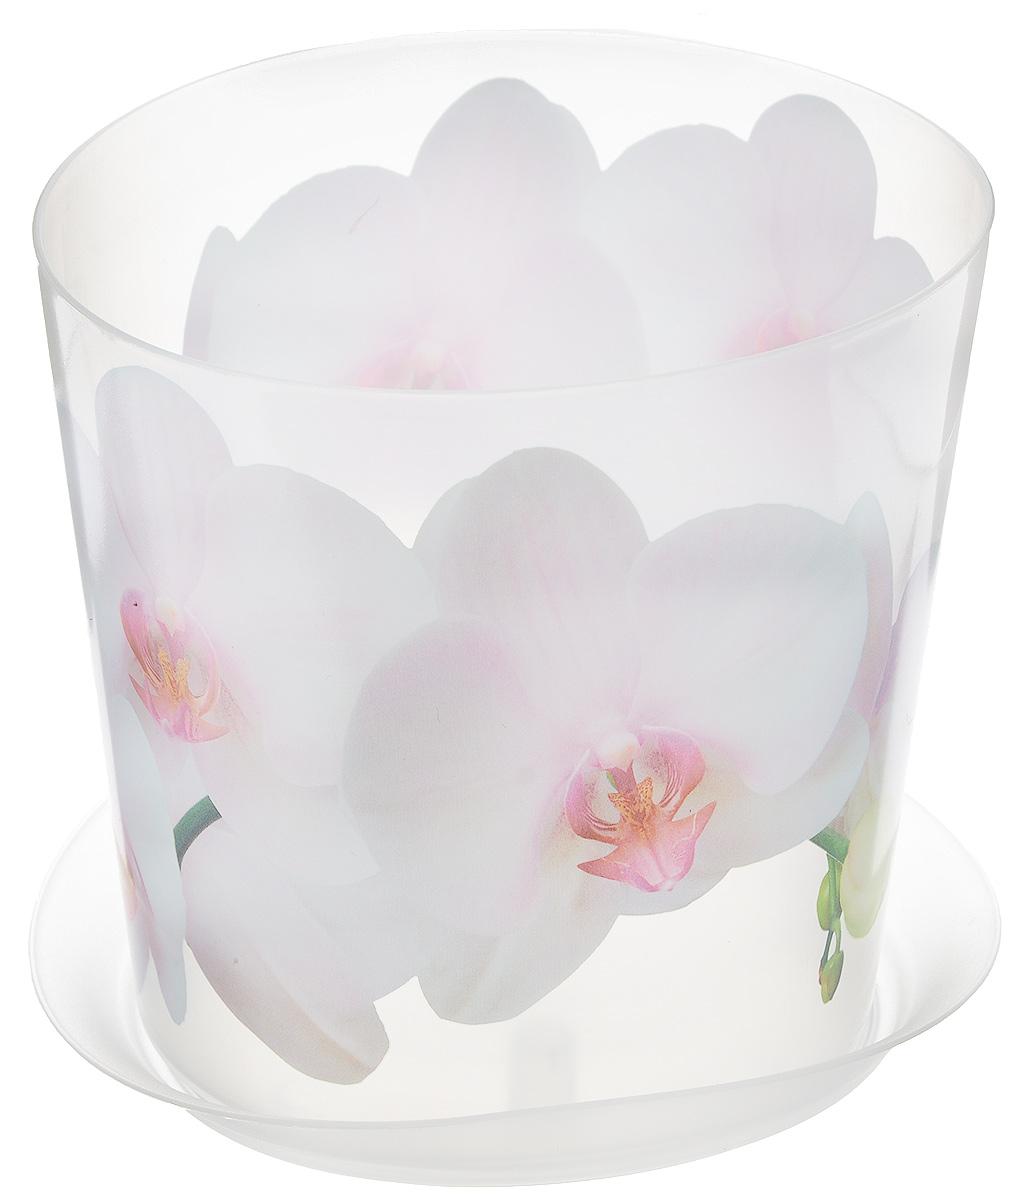 Кашпо Idea Деко, с подставкой, цвет: прозрачный, белый, 1,2 лМ 3105Кашпо Idea Деко изготовлено из высококачественного полипропилена. Специальный поддон предназначен для стока воды. Изделие прекрасно подходит для выращивания растений и цветов в домашних условиях. Лаконичный дизайн впишется в интерьер любого помещения. Диаметр поддона: 13,5 см. Диаметр кашпо по верхнему краю: 12,5 см. Высота кашпо: 12 см. Объем кашпо: 1,2 л.